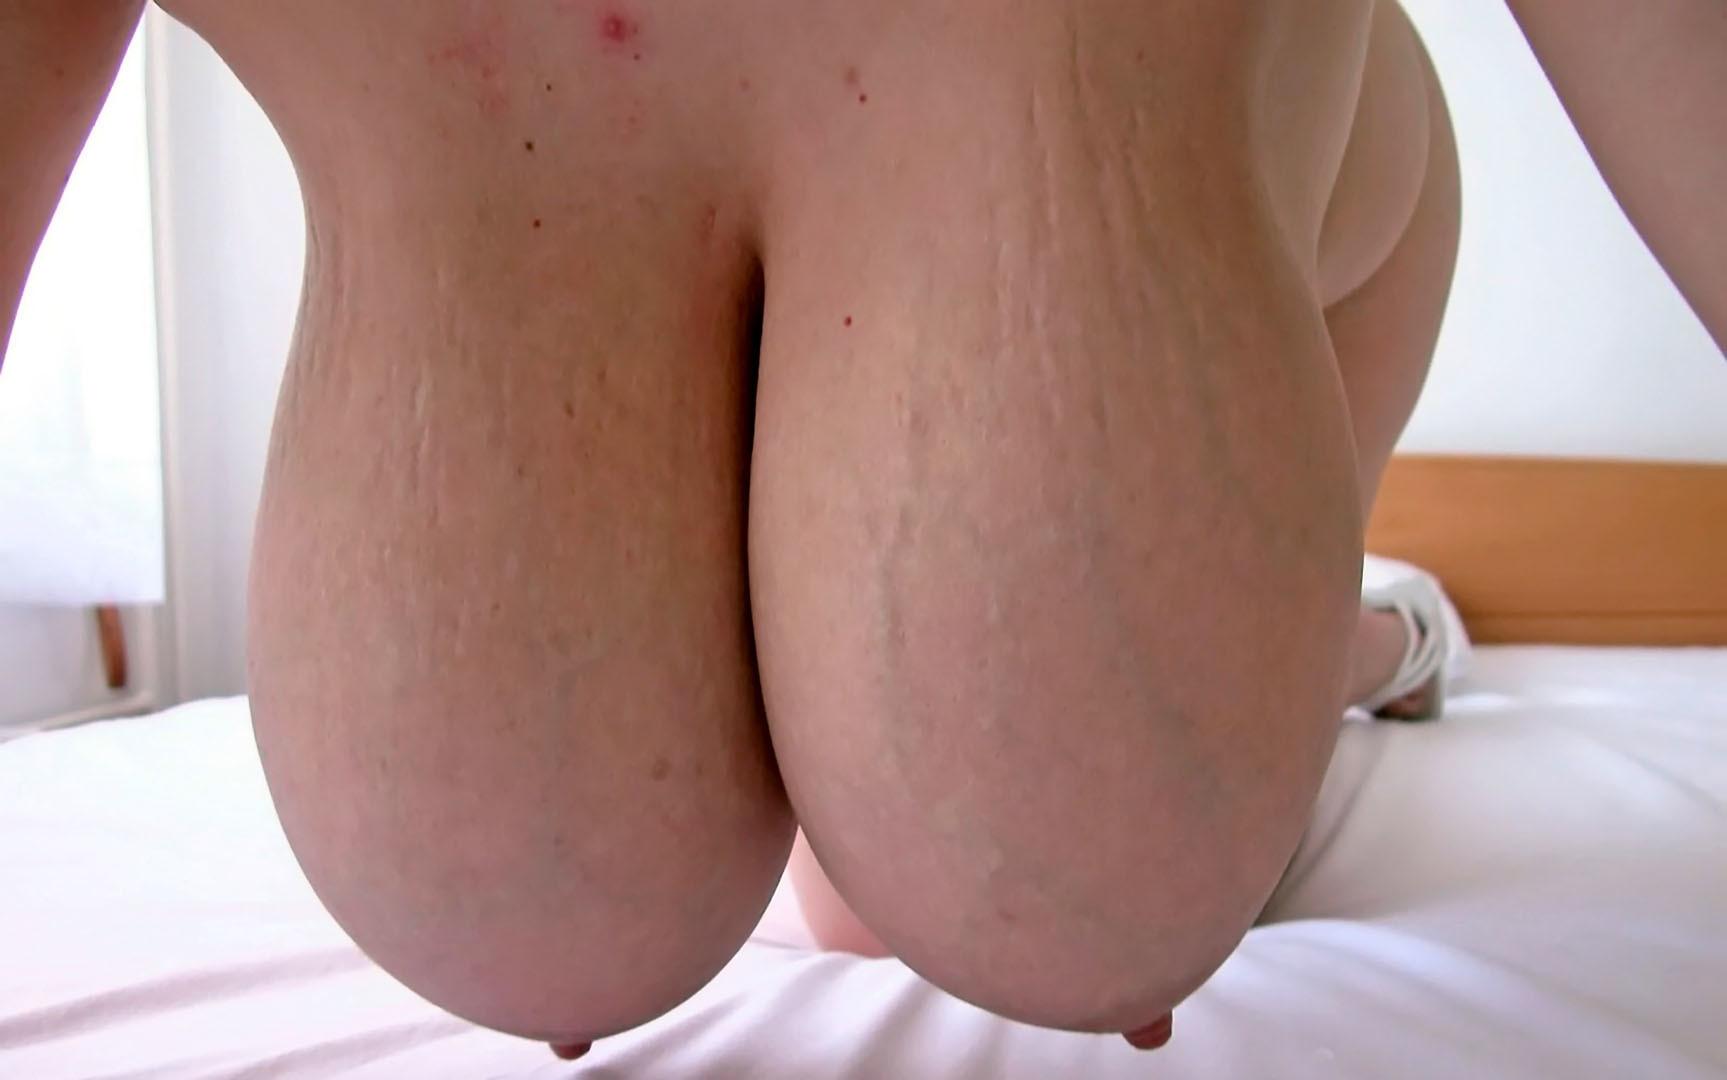 Big Nipples Porn Pics, Puffy Nipples Sex Images, Big Aureole Porno